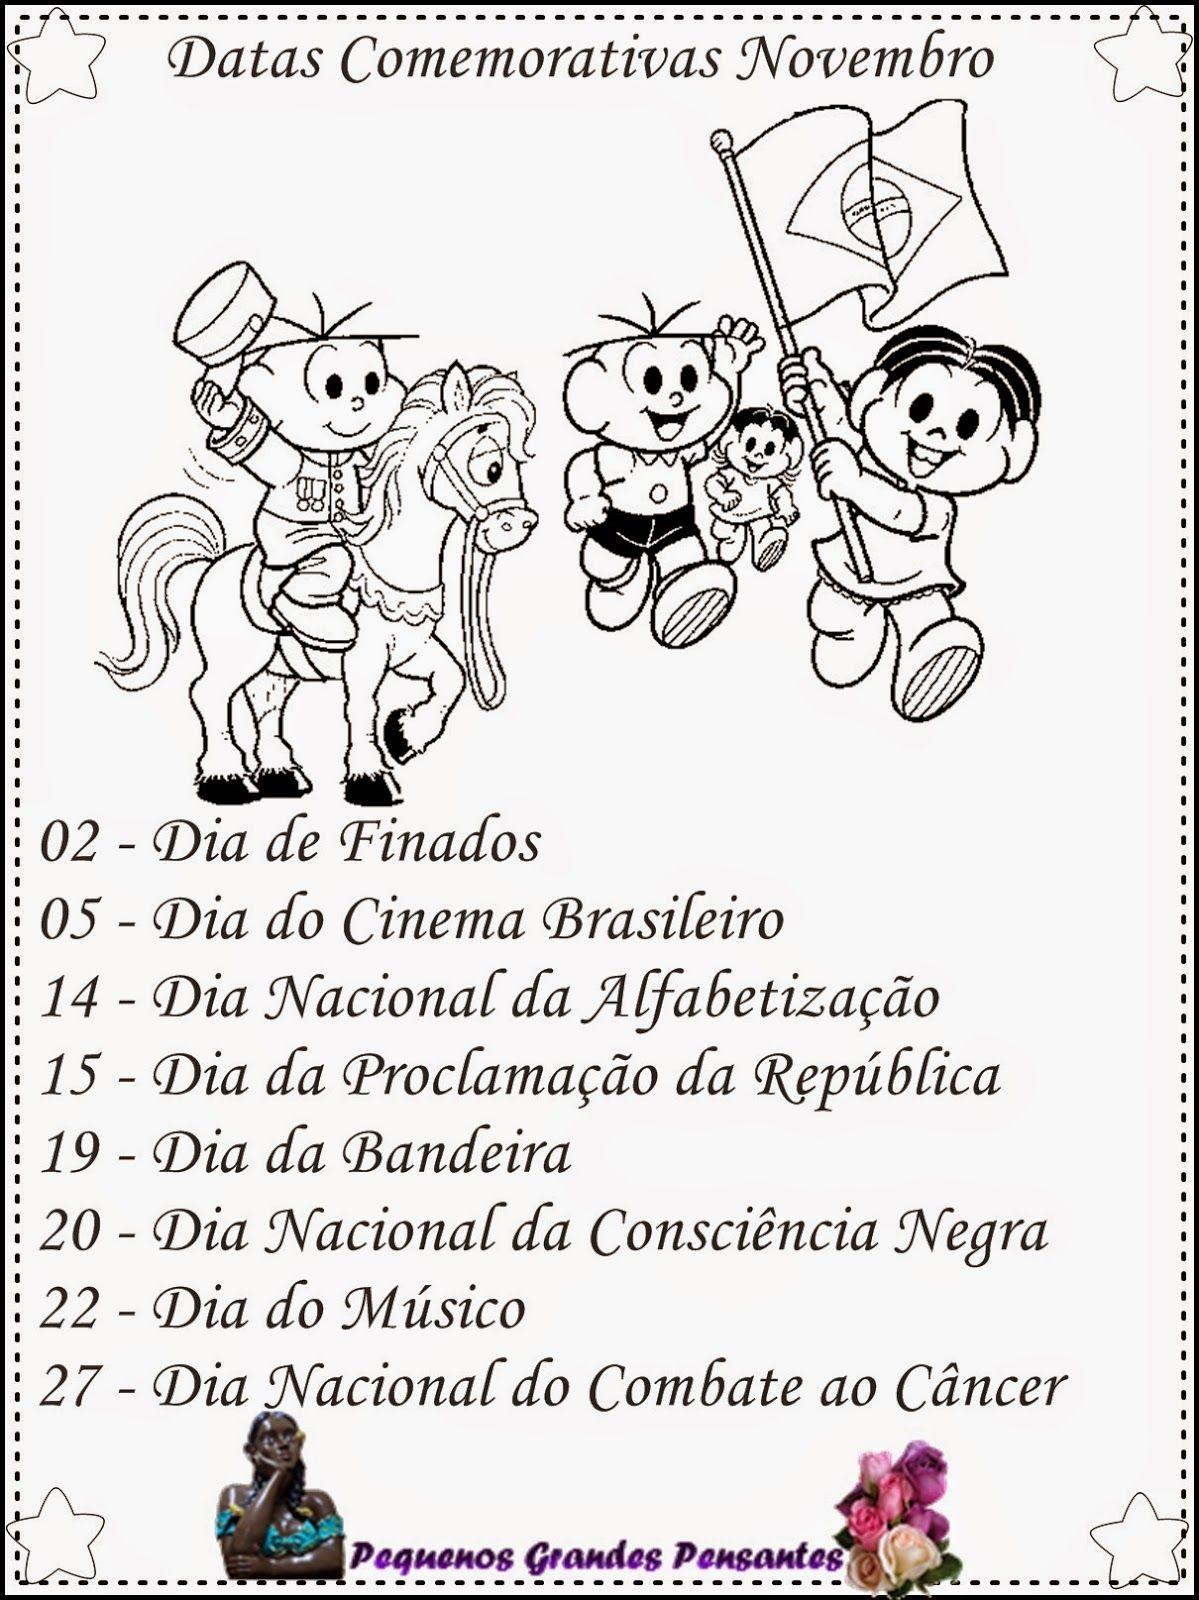 Datas Comemorativas De Novembro Para Educacao Infantil Com Imagens Datas Comemorativas Educacao Infantil Datas Comemorativas De Novembro Calendario De Datas Comemorativas